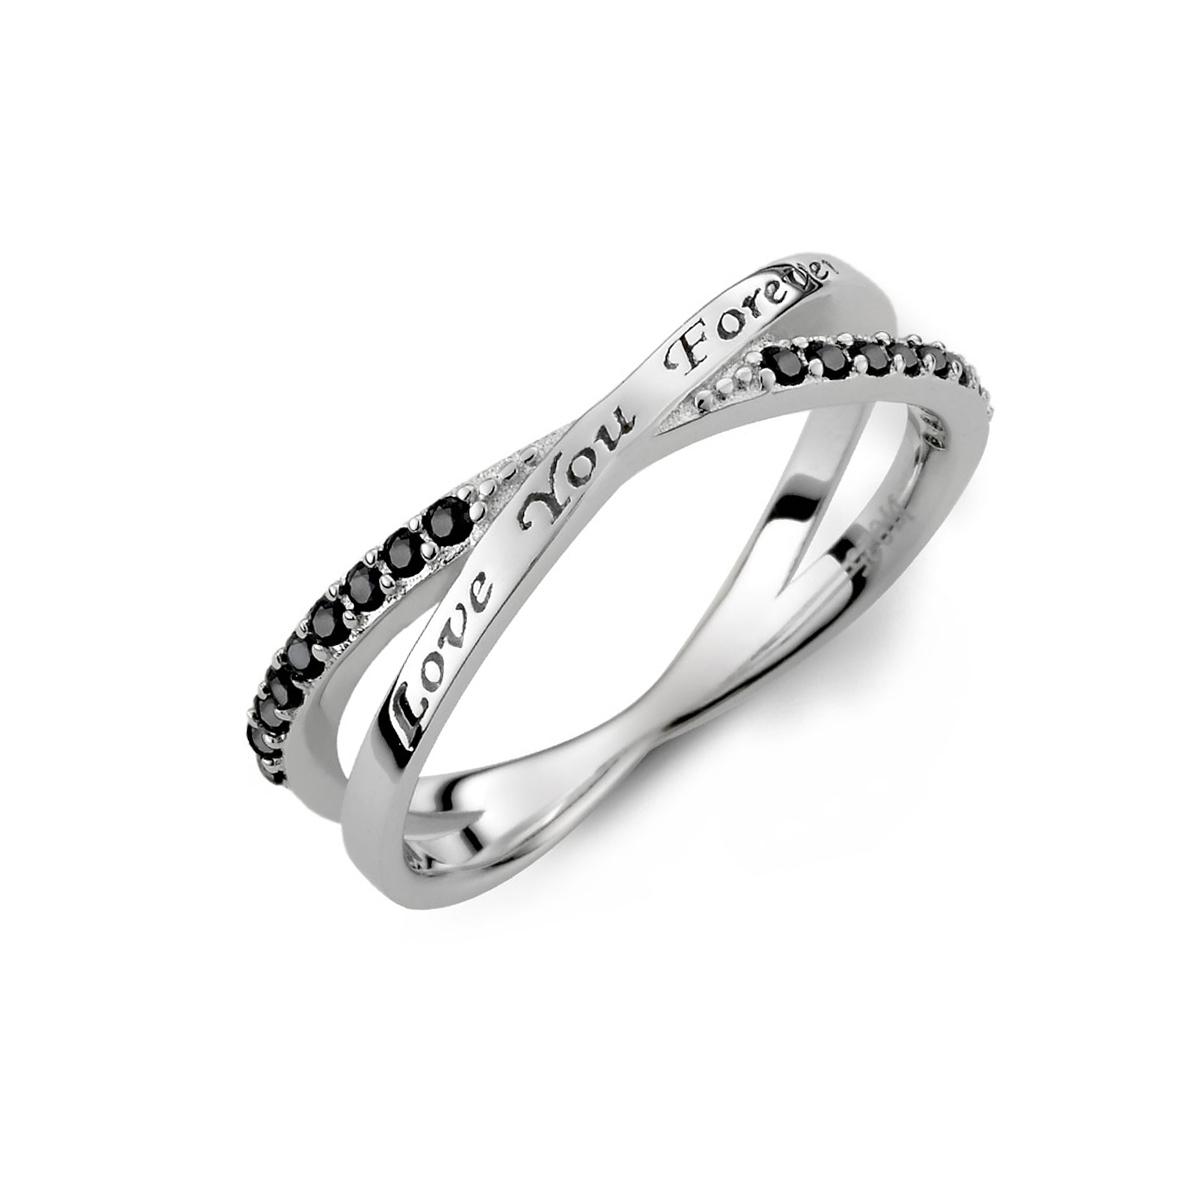 KSM85 彼此永遠的愛交叉戒指